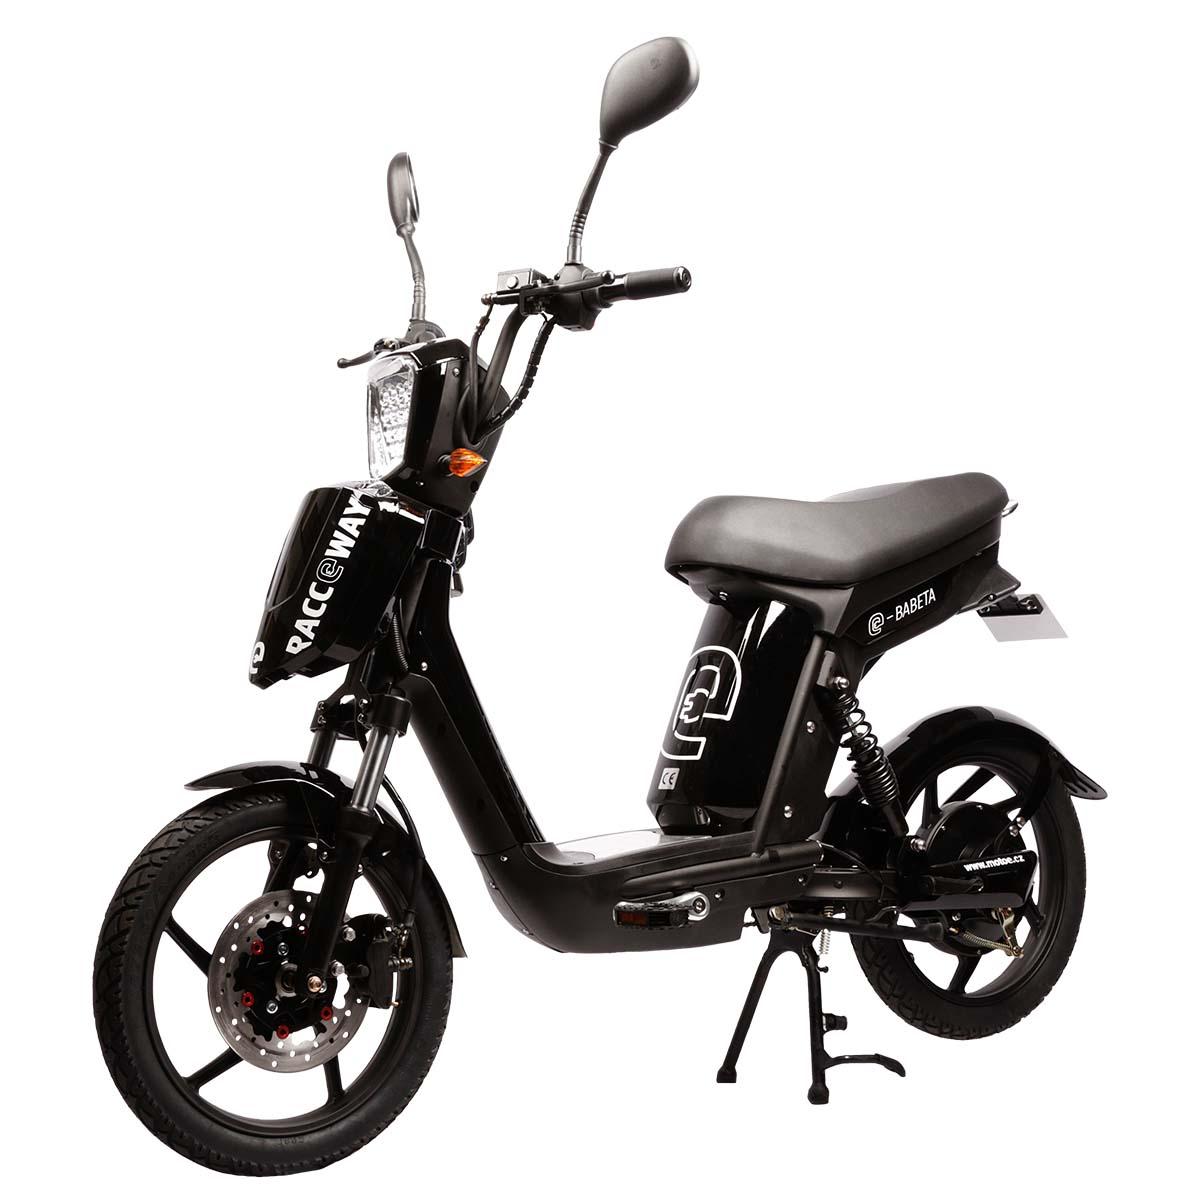 Elektrický motocykl RACCEWAY E-BABETA Barva: černá